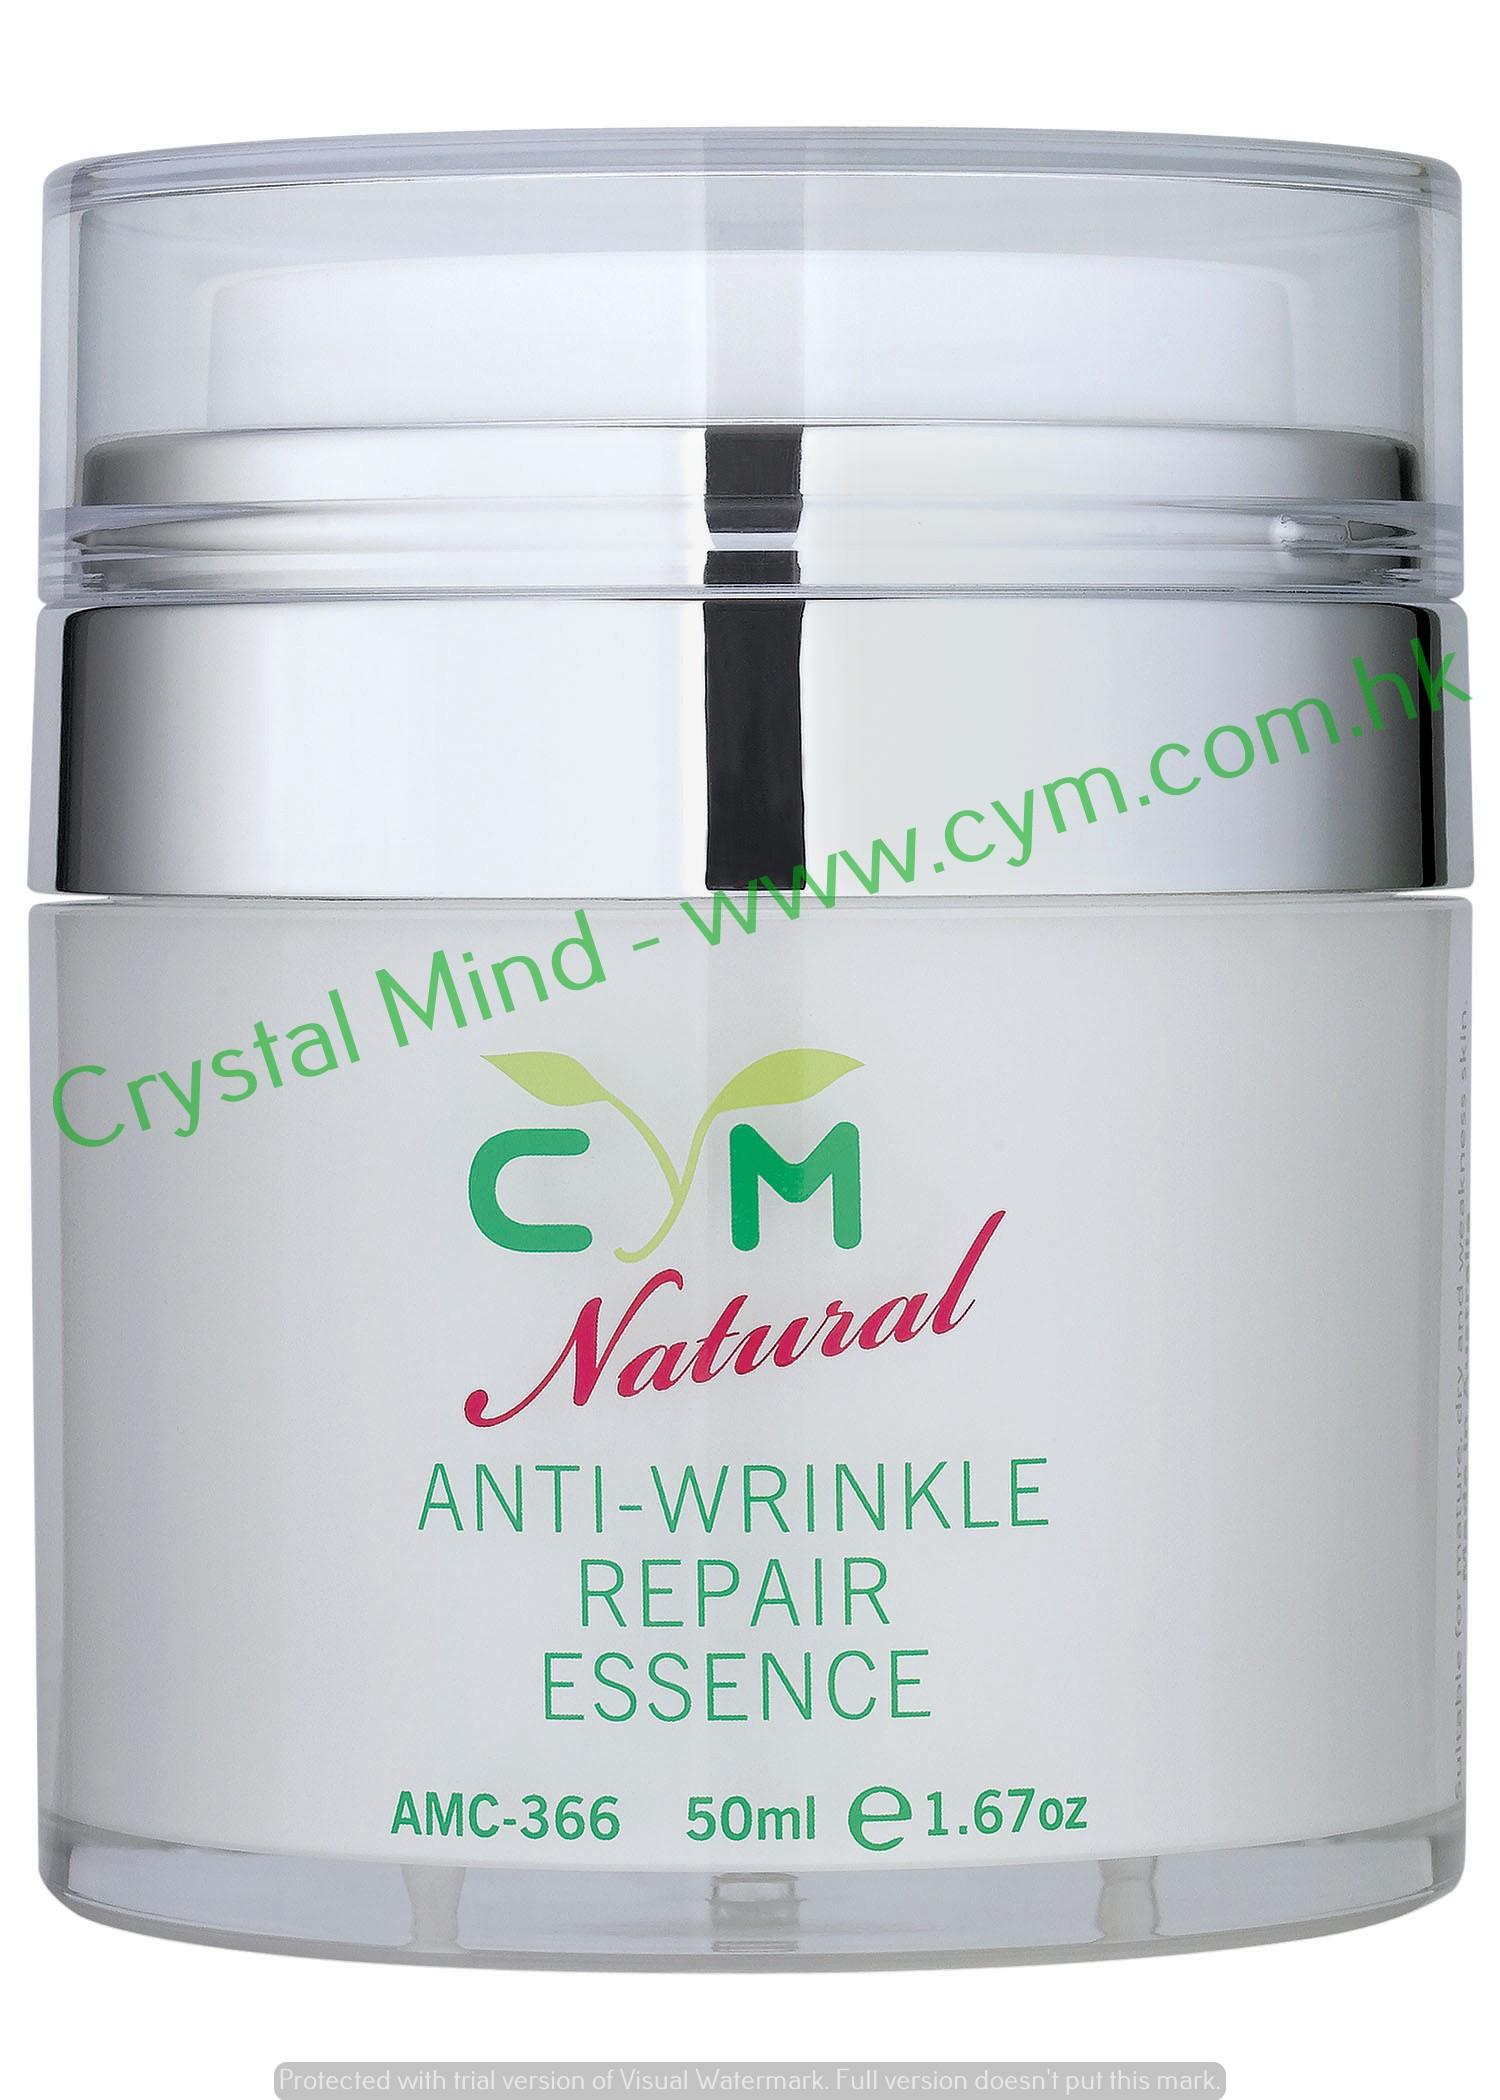 抗皺修護精華 Anti-wrinkle Repair Essence  - 50 ml - AMC-366